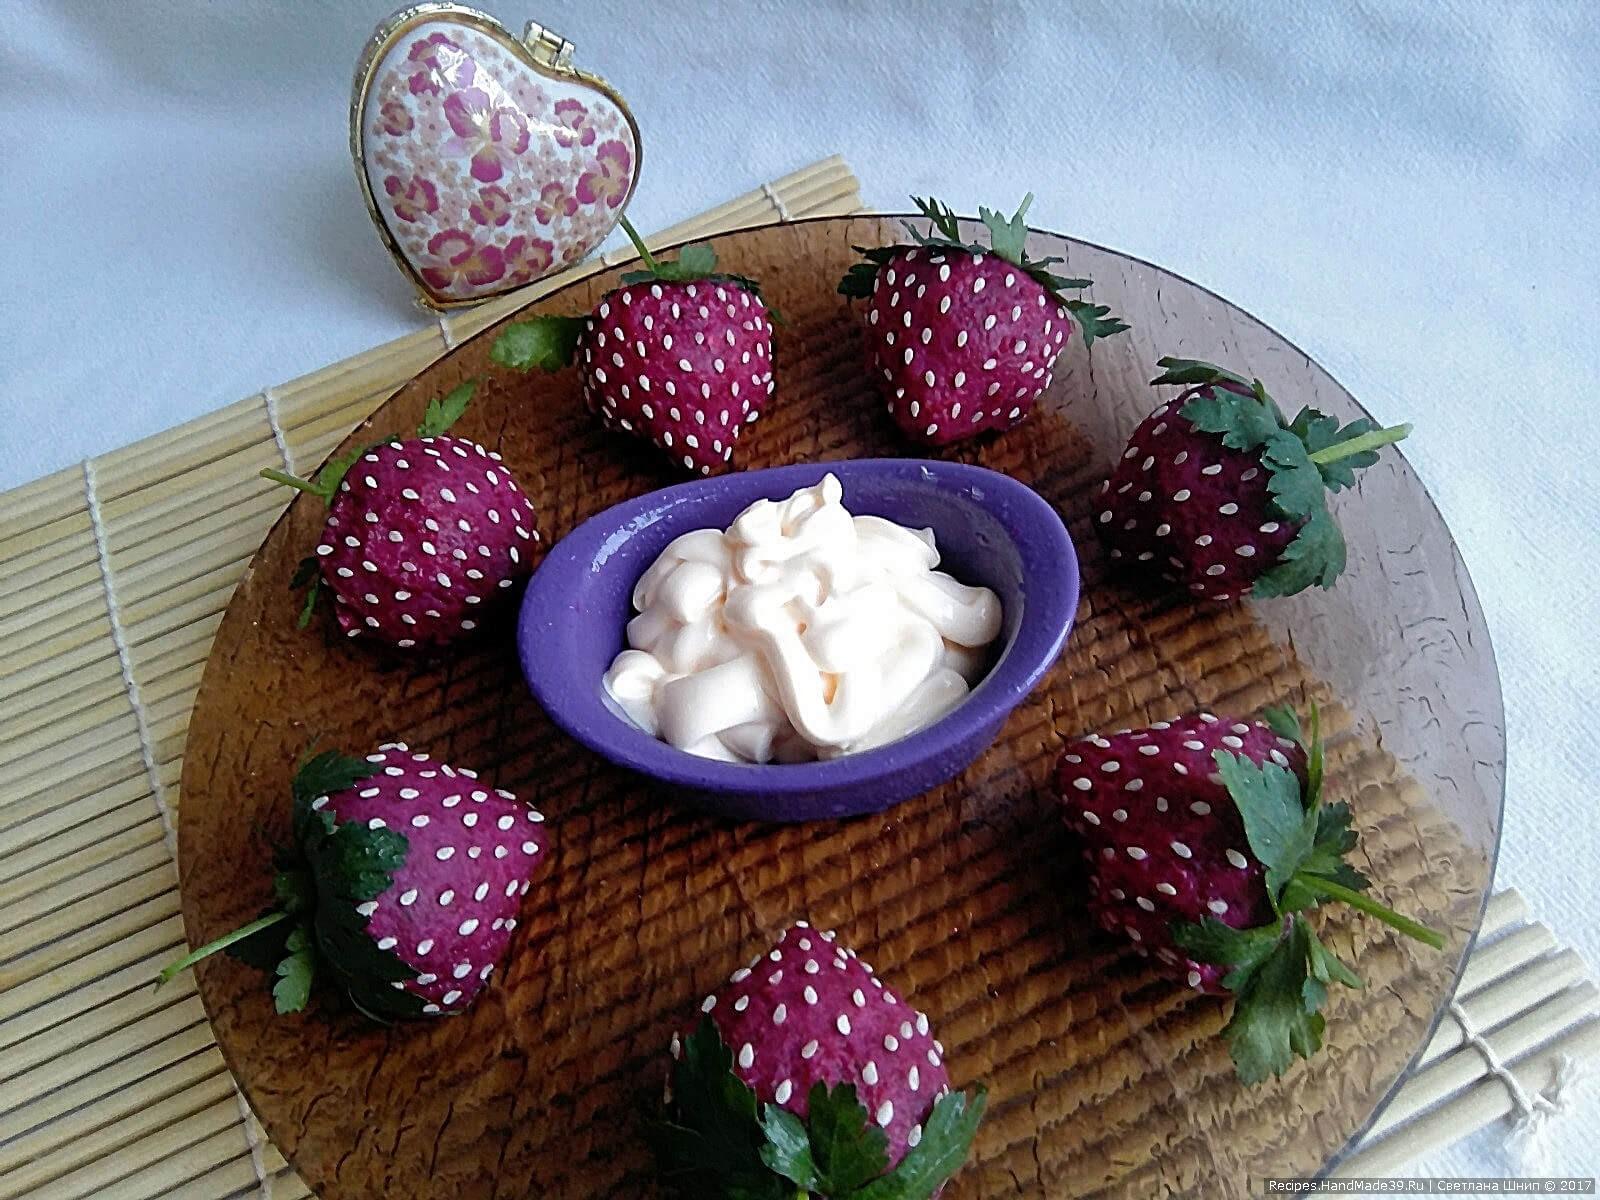 Закуска из сельди «Клубничка» к празднику – пошаговый рецепт с фото. Приятного аппетита!